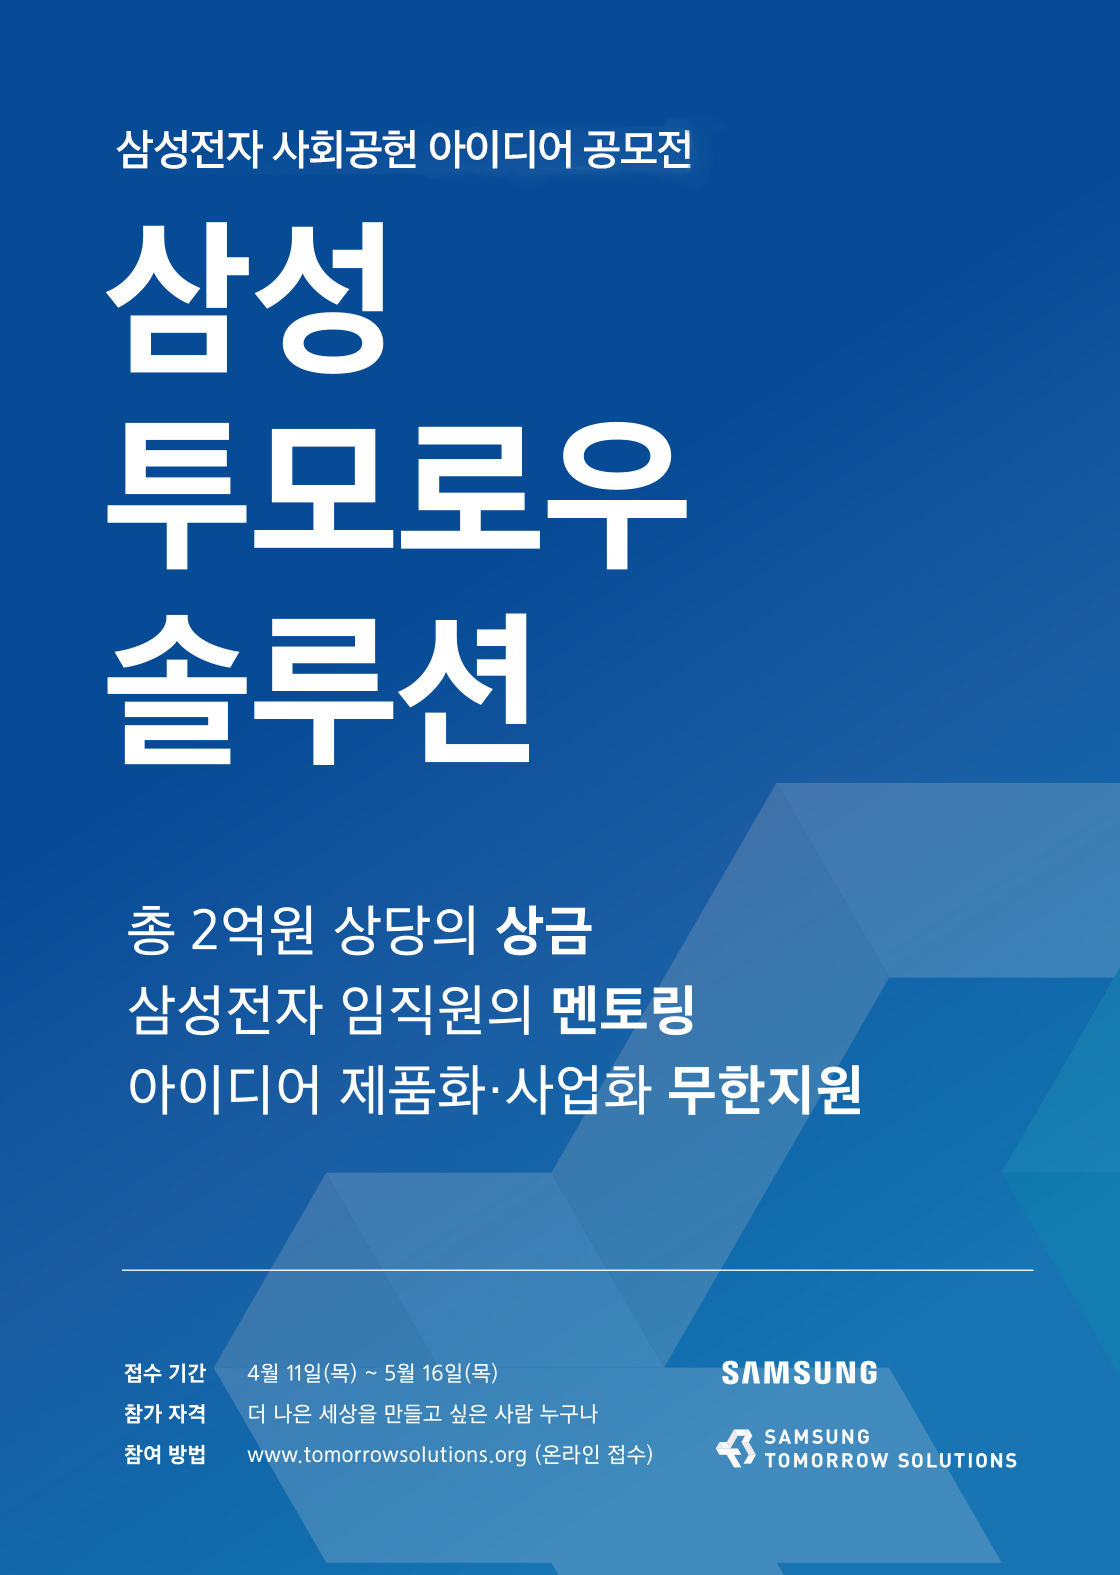 삼성 투모로우 솔루션